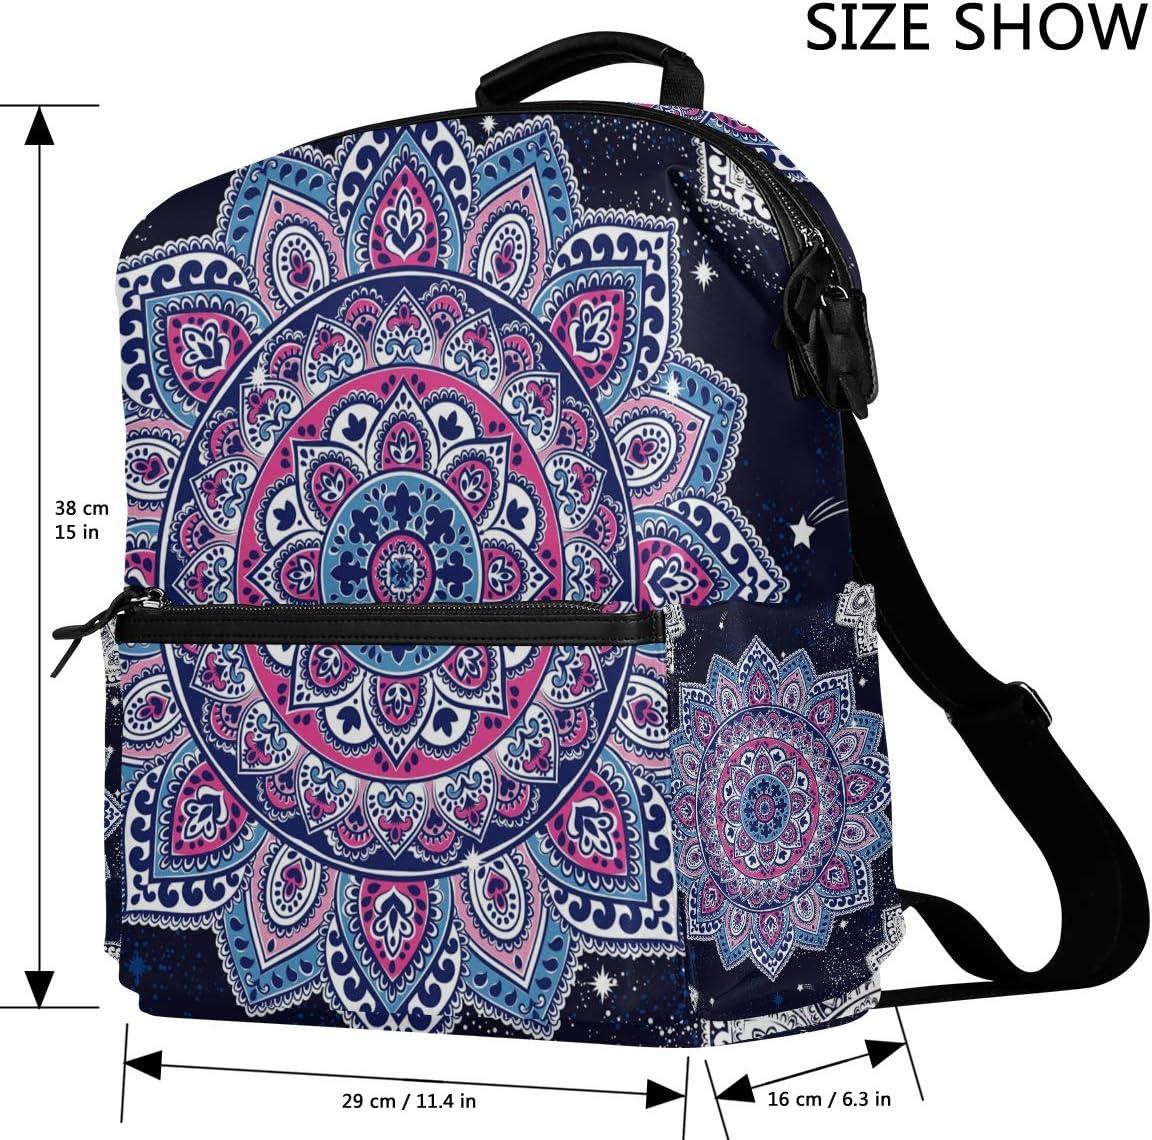 Floral Boho Mandala Vintage Backpack for Women Men Daypack Fashion Laptop Backpack Girl Boy School College Travel Bag Schoolbag